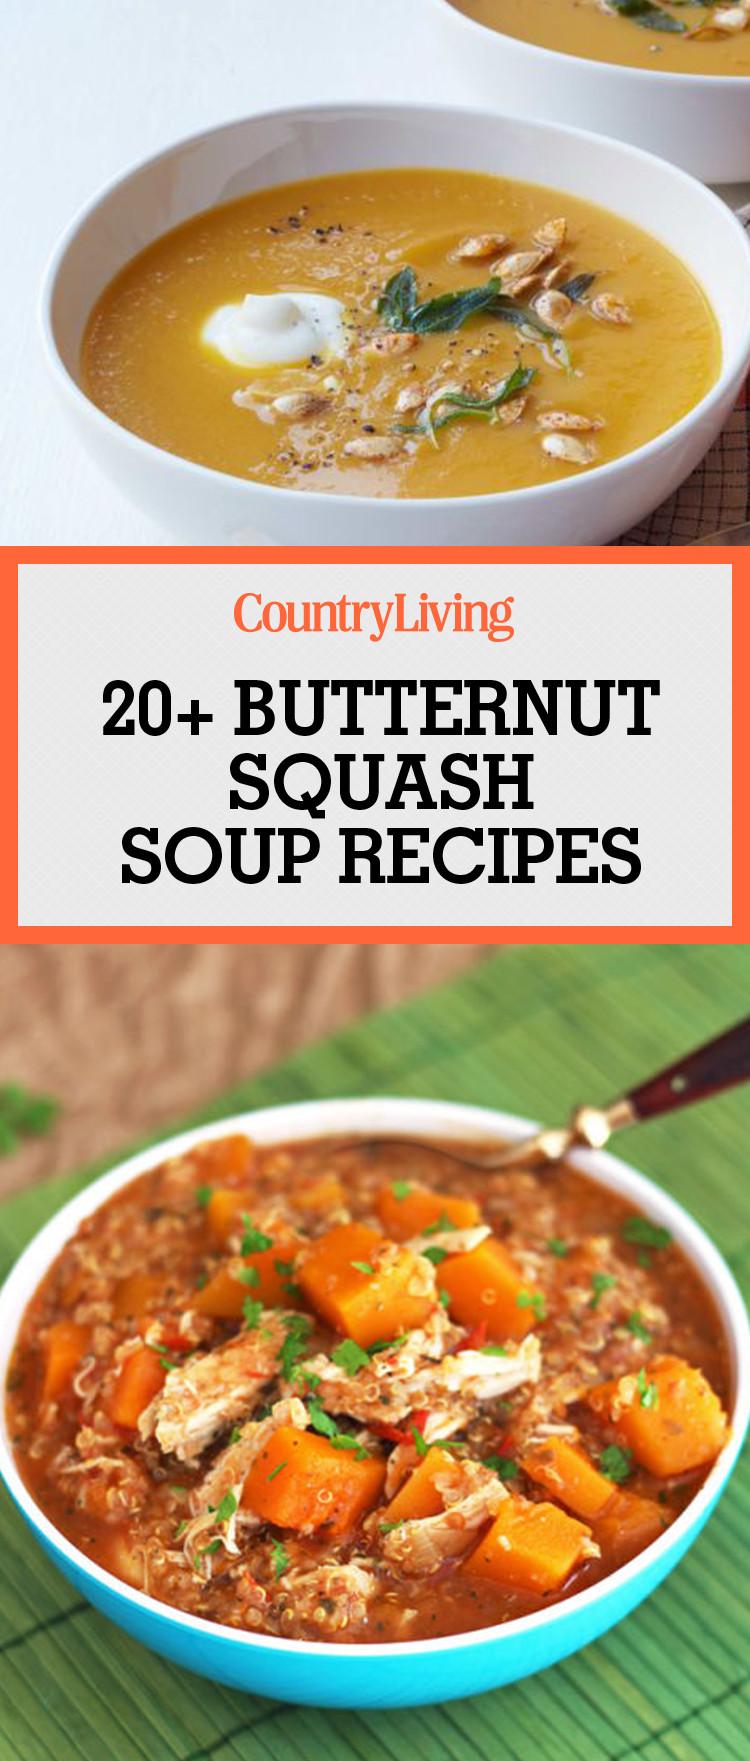 Best Butternut Squash Soup Recipe  24 Best Butternut Squash Soup Recipes How to Make